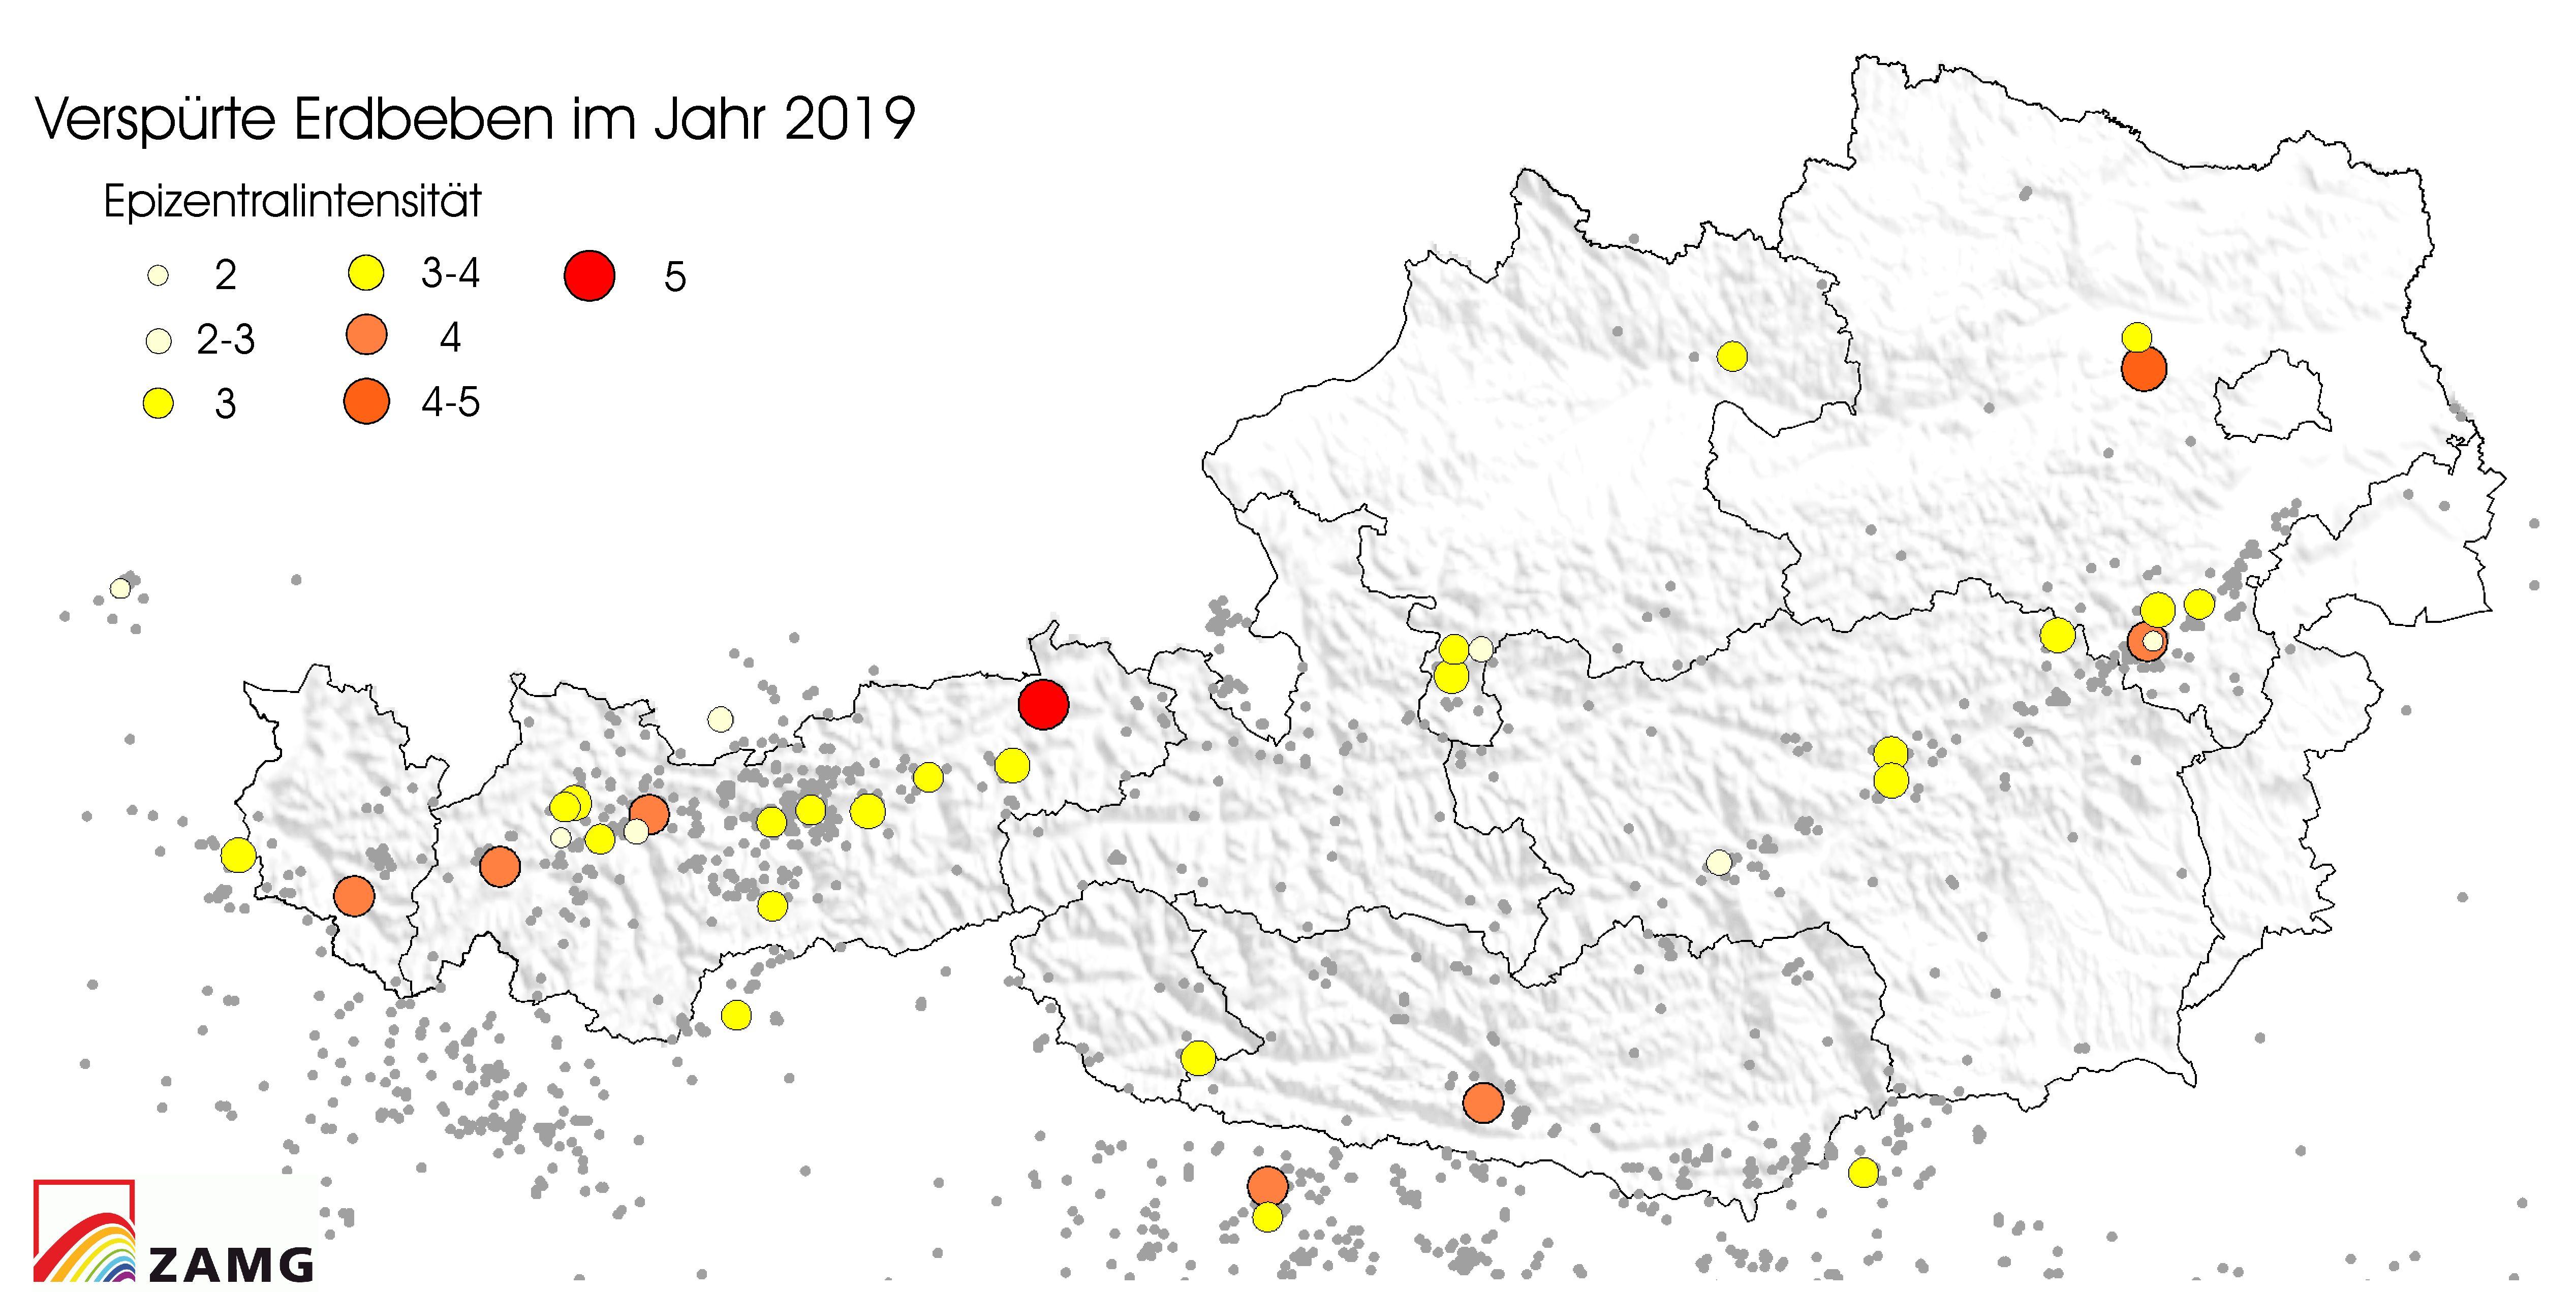 2019 relativ wenige spürbare Erdbeben in Österreich